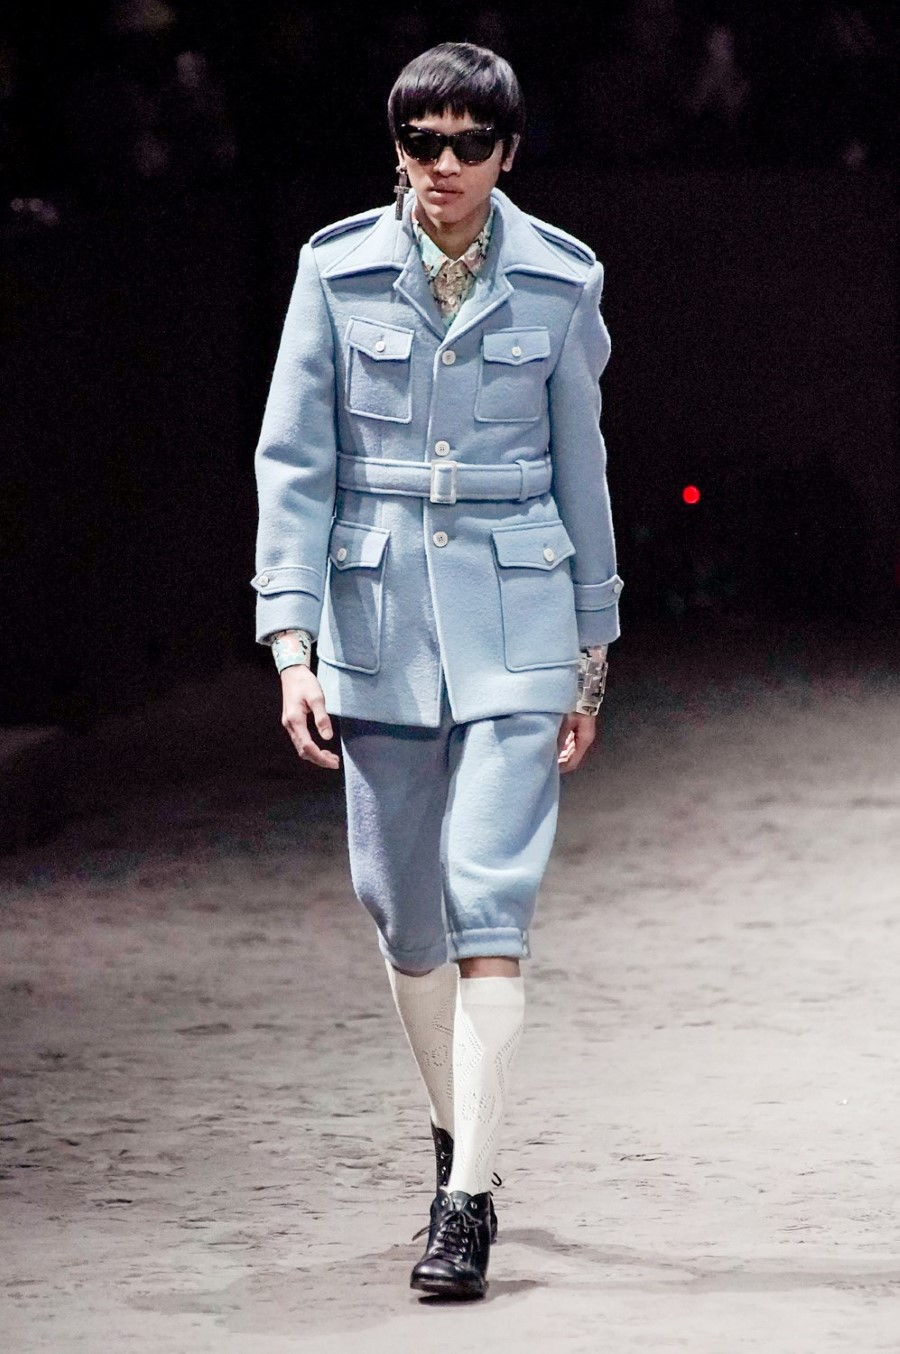 Gucci - Fall Winter 2020 - Milano Fashion Week Men's